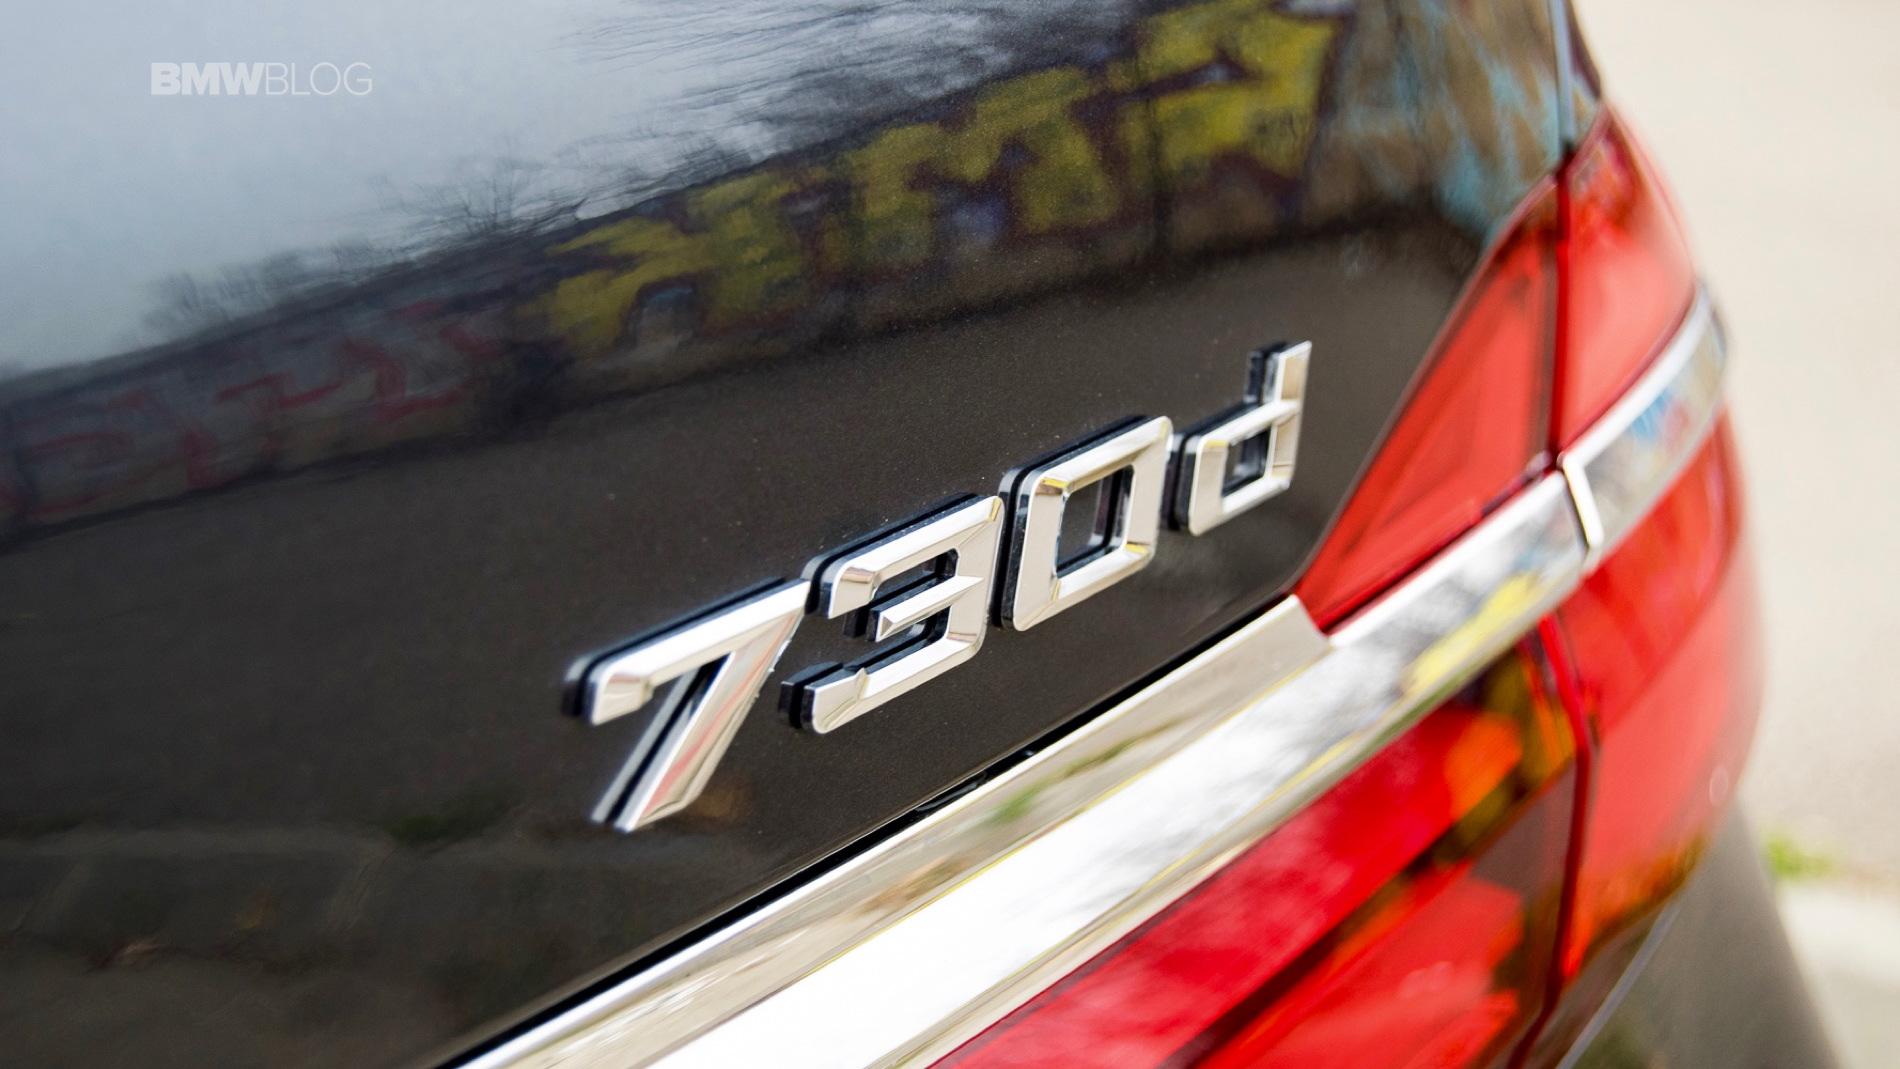 2016 BMW 730d xDrive test drive review 84